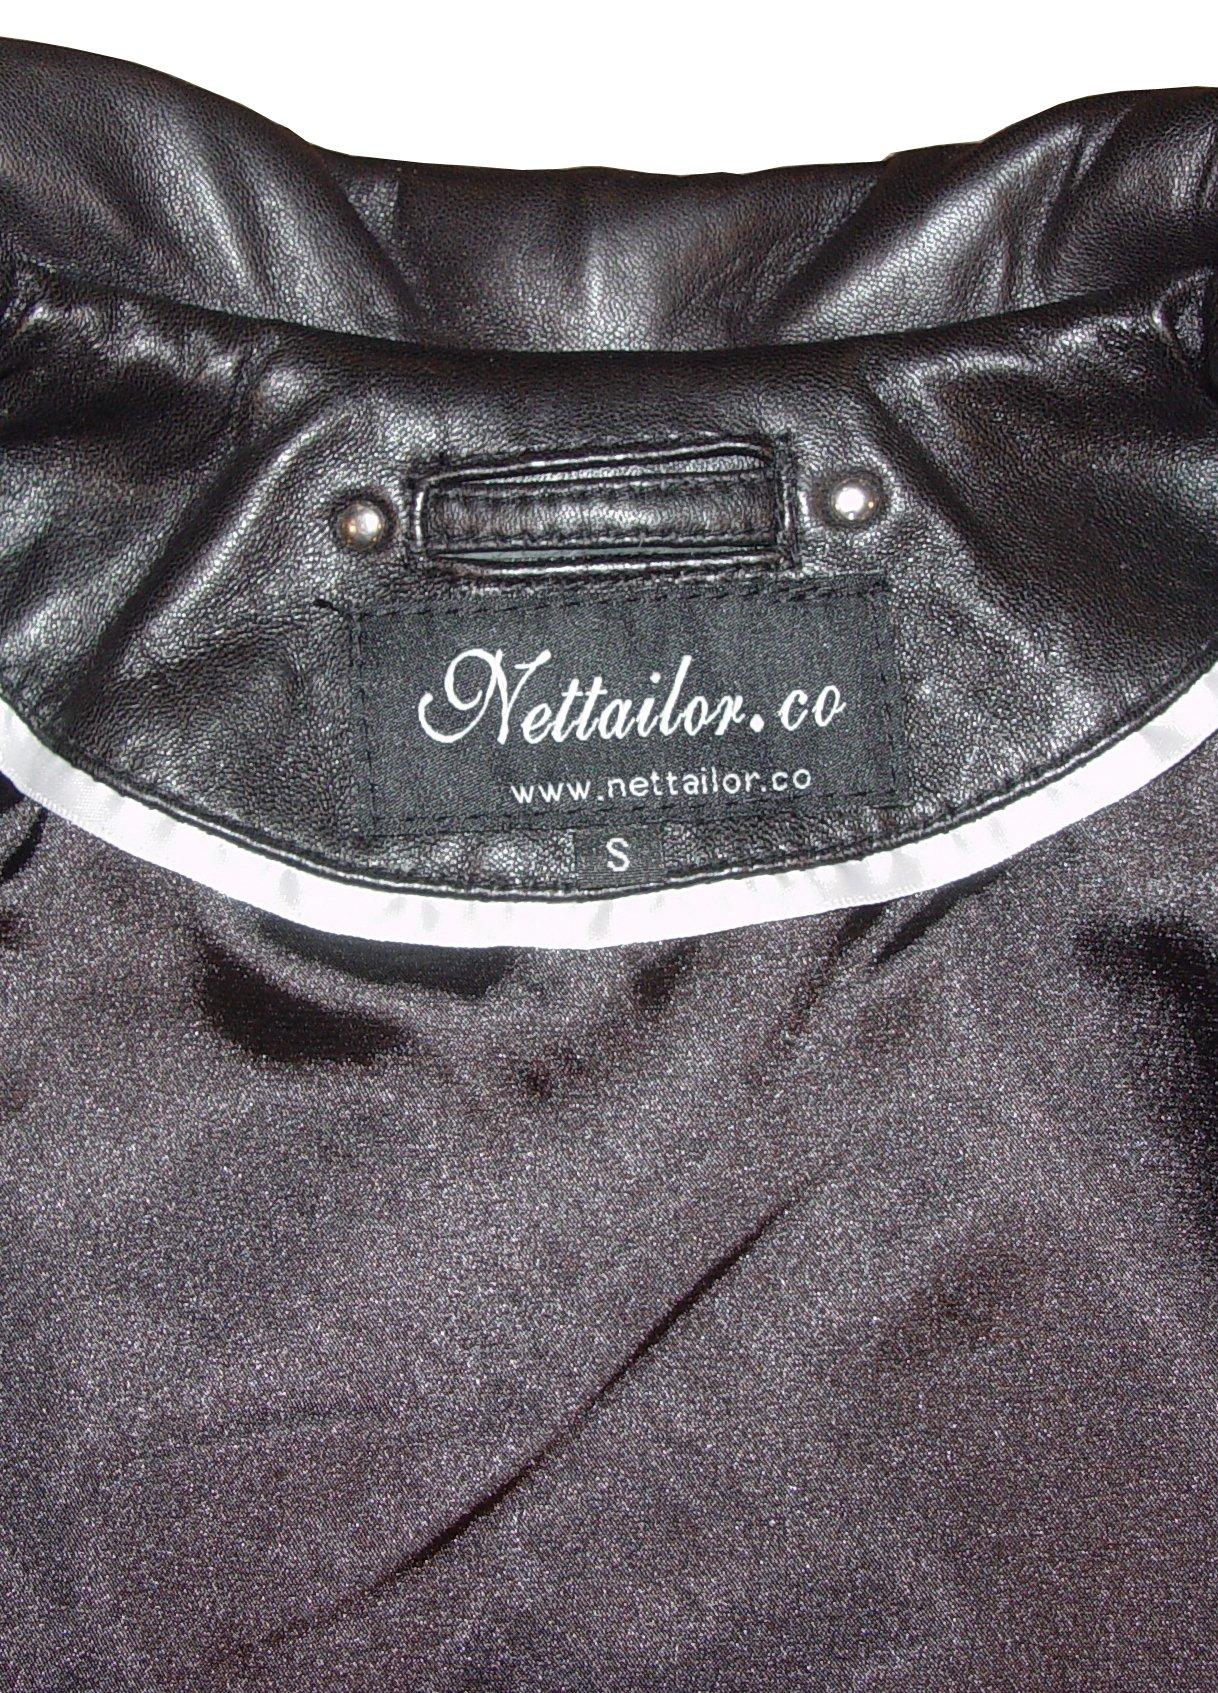 Nettailor Mens 1114 FOUR Season Wearable Leather Fancy Casual Blazer by NETTAILOR (Image #8)